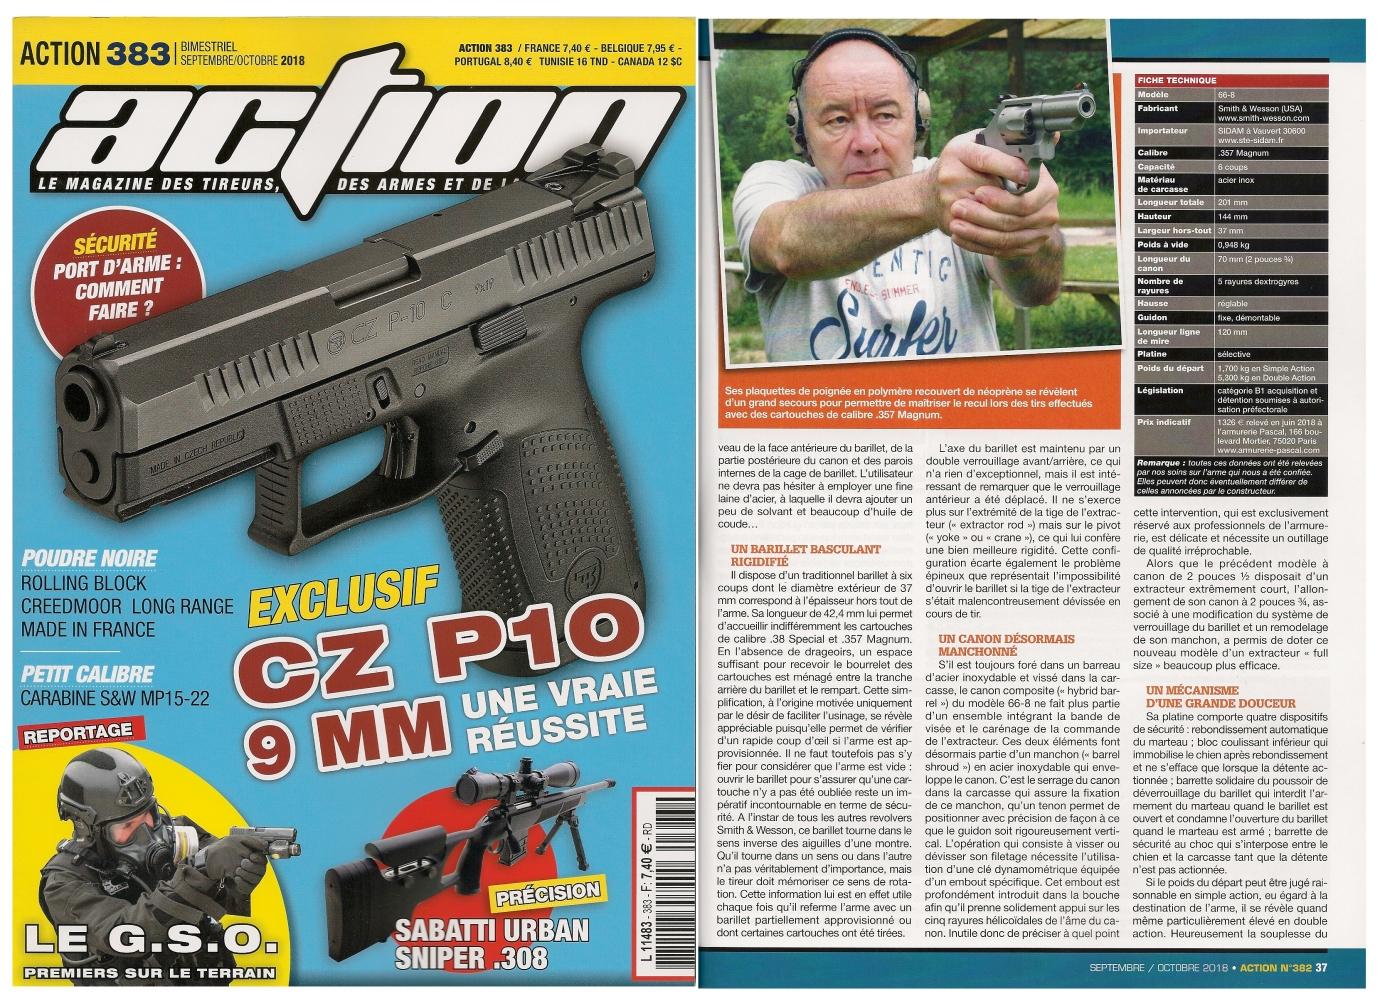 Le banc d'essai du revolver S&W modèle 66-8 Combat Magnum a été publié sur 5 pages dans le magazine Action n° 383 (septembre/octobre 2018).